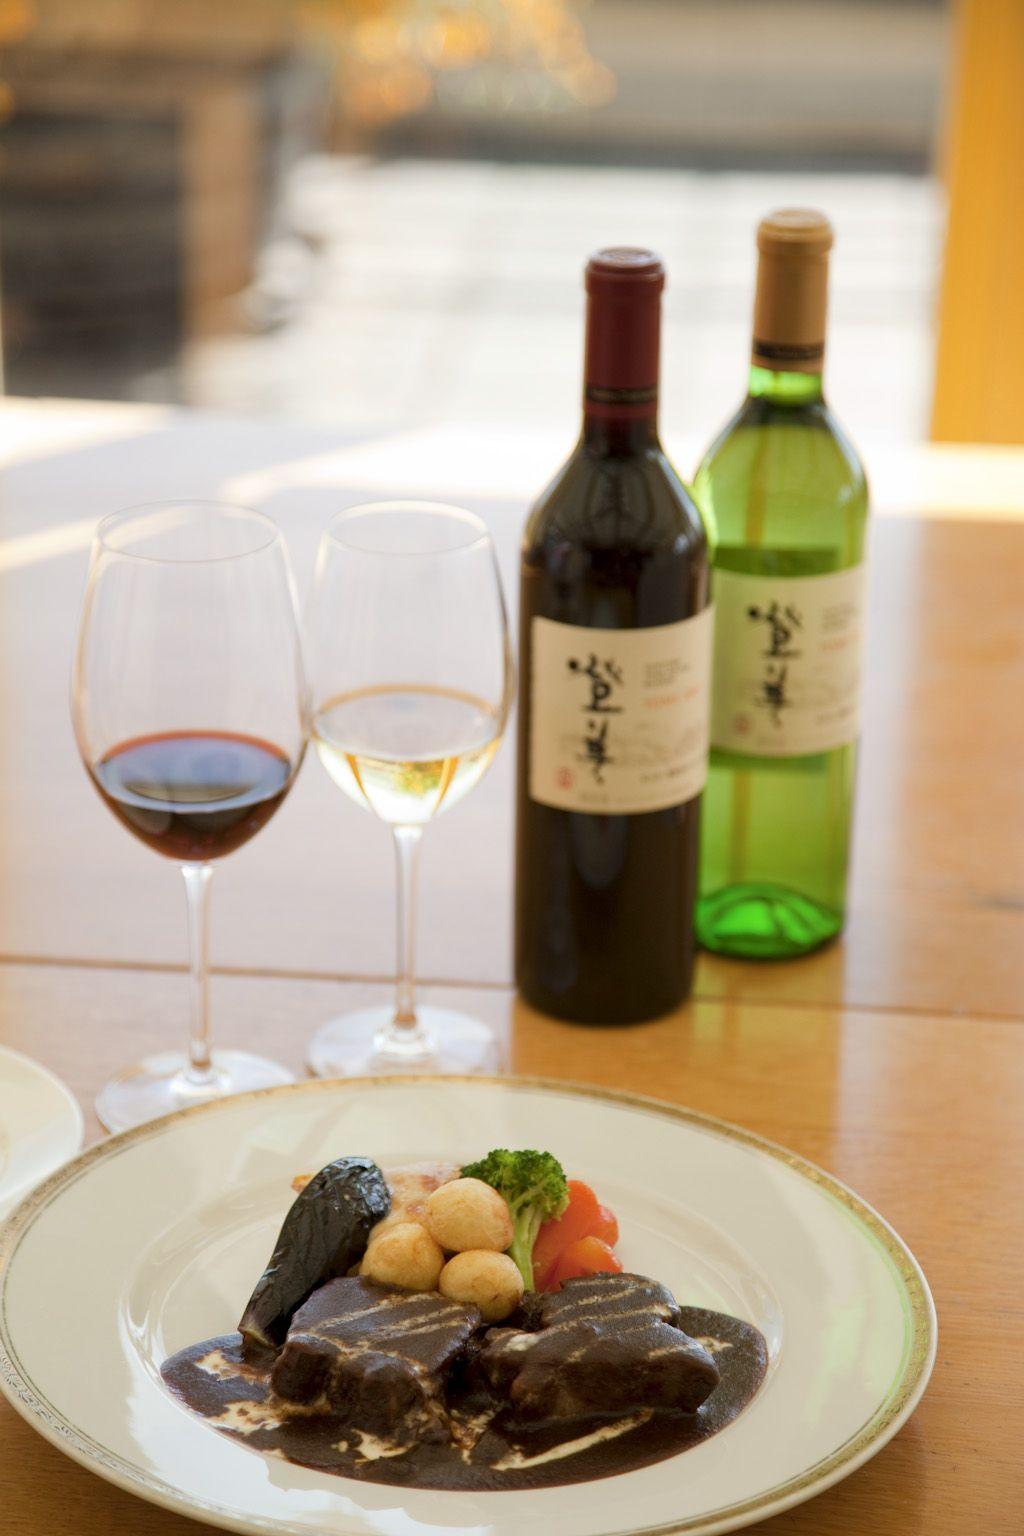 見晴らしのいいダイニングで地元食材とワインを味わう